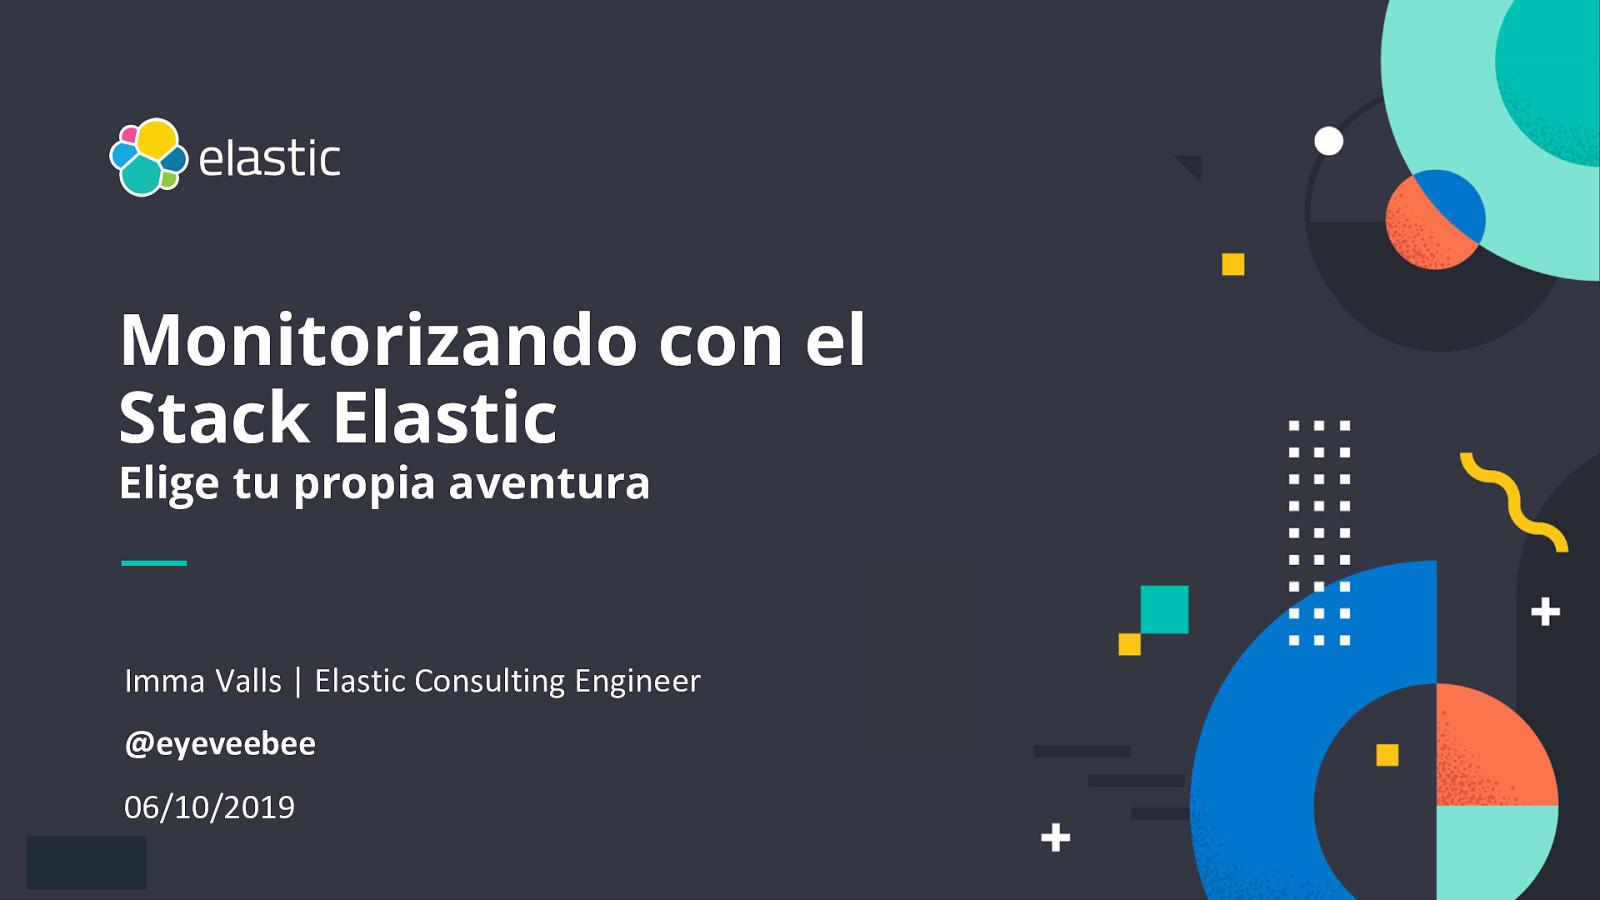 Monitorizando con el Stack Elastic: Elige tu propia aventura!